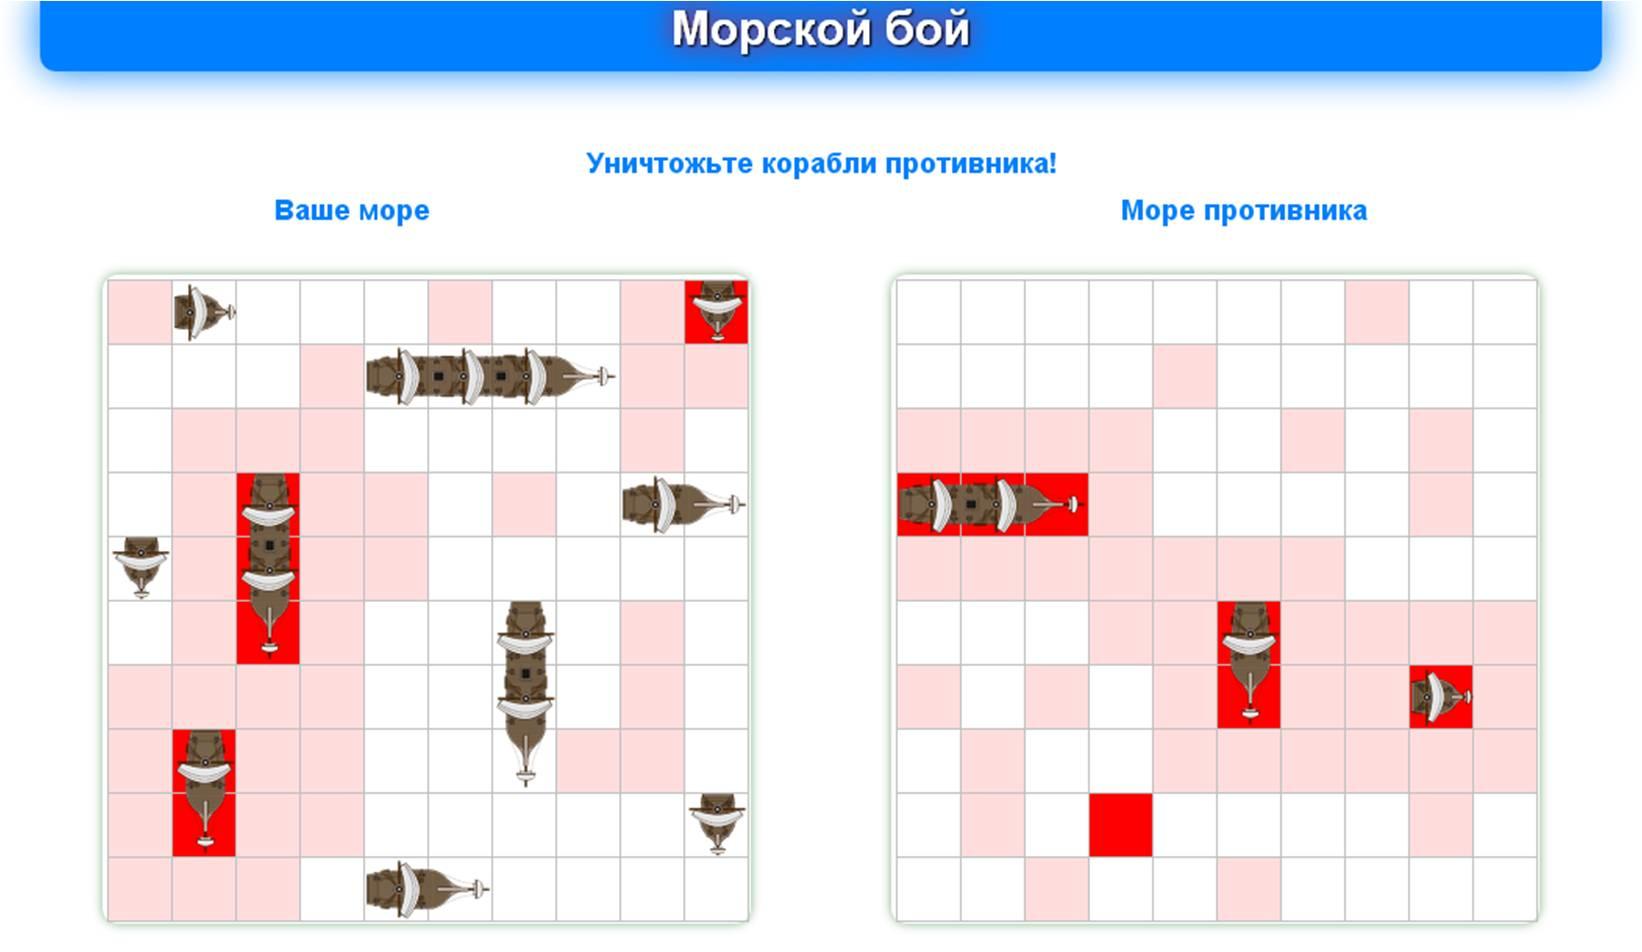 Морской бой, аркада Alexdev